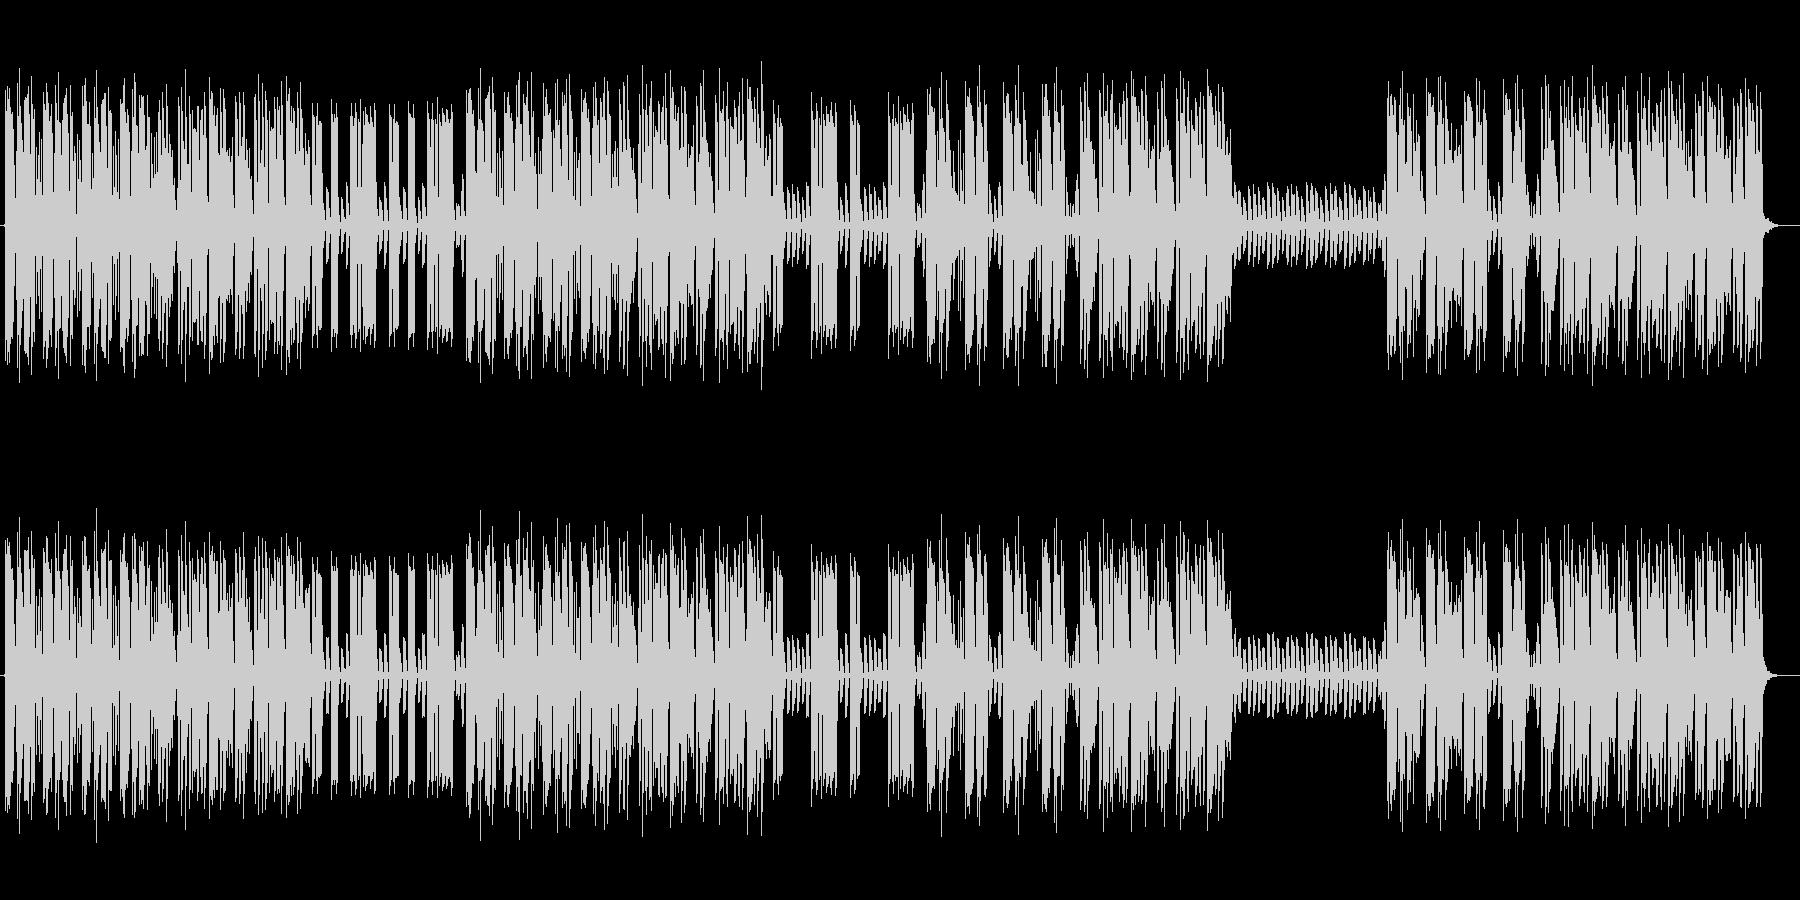 クールでマイナーなエレキギターサウンドの未再生の波形